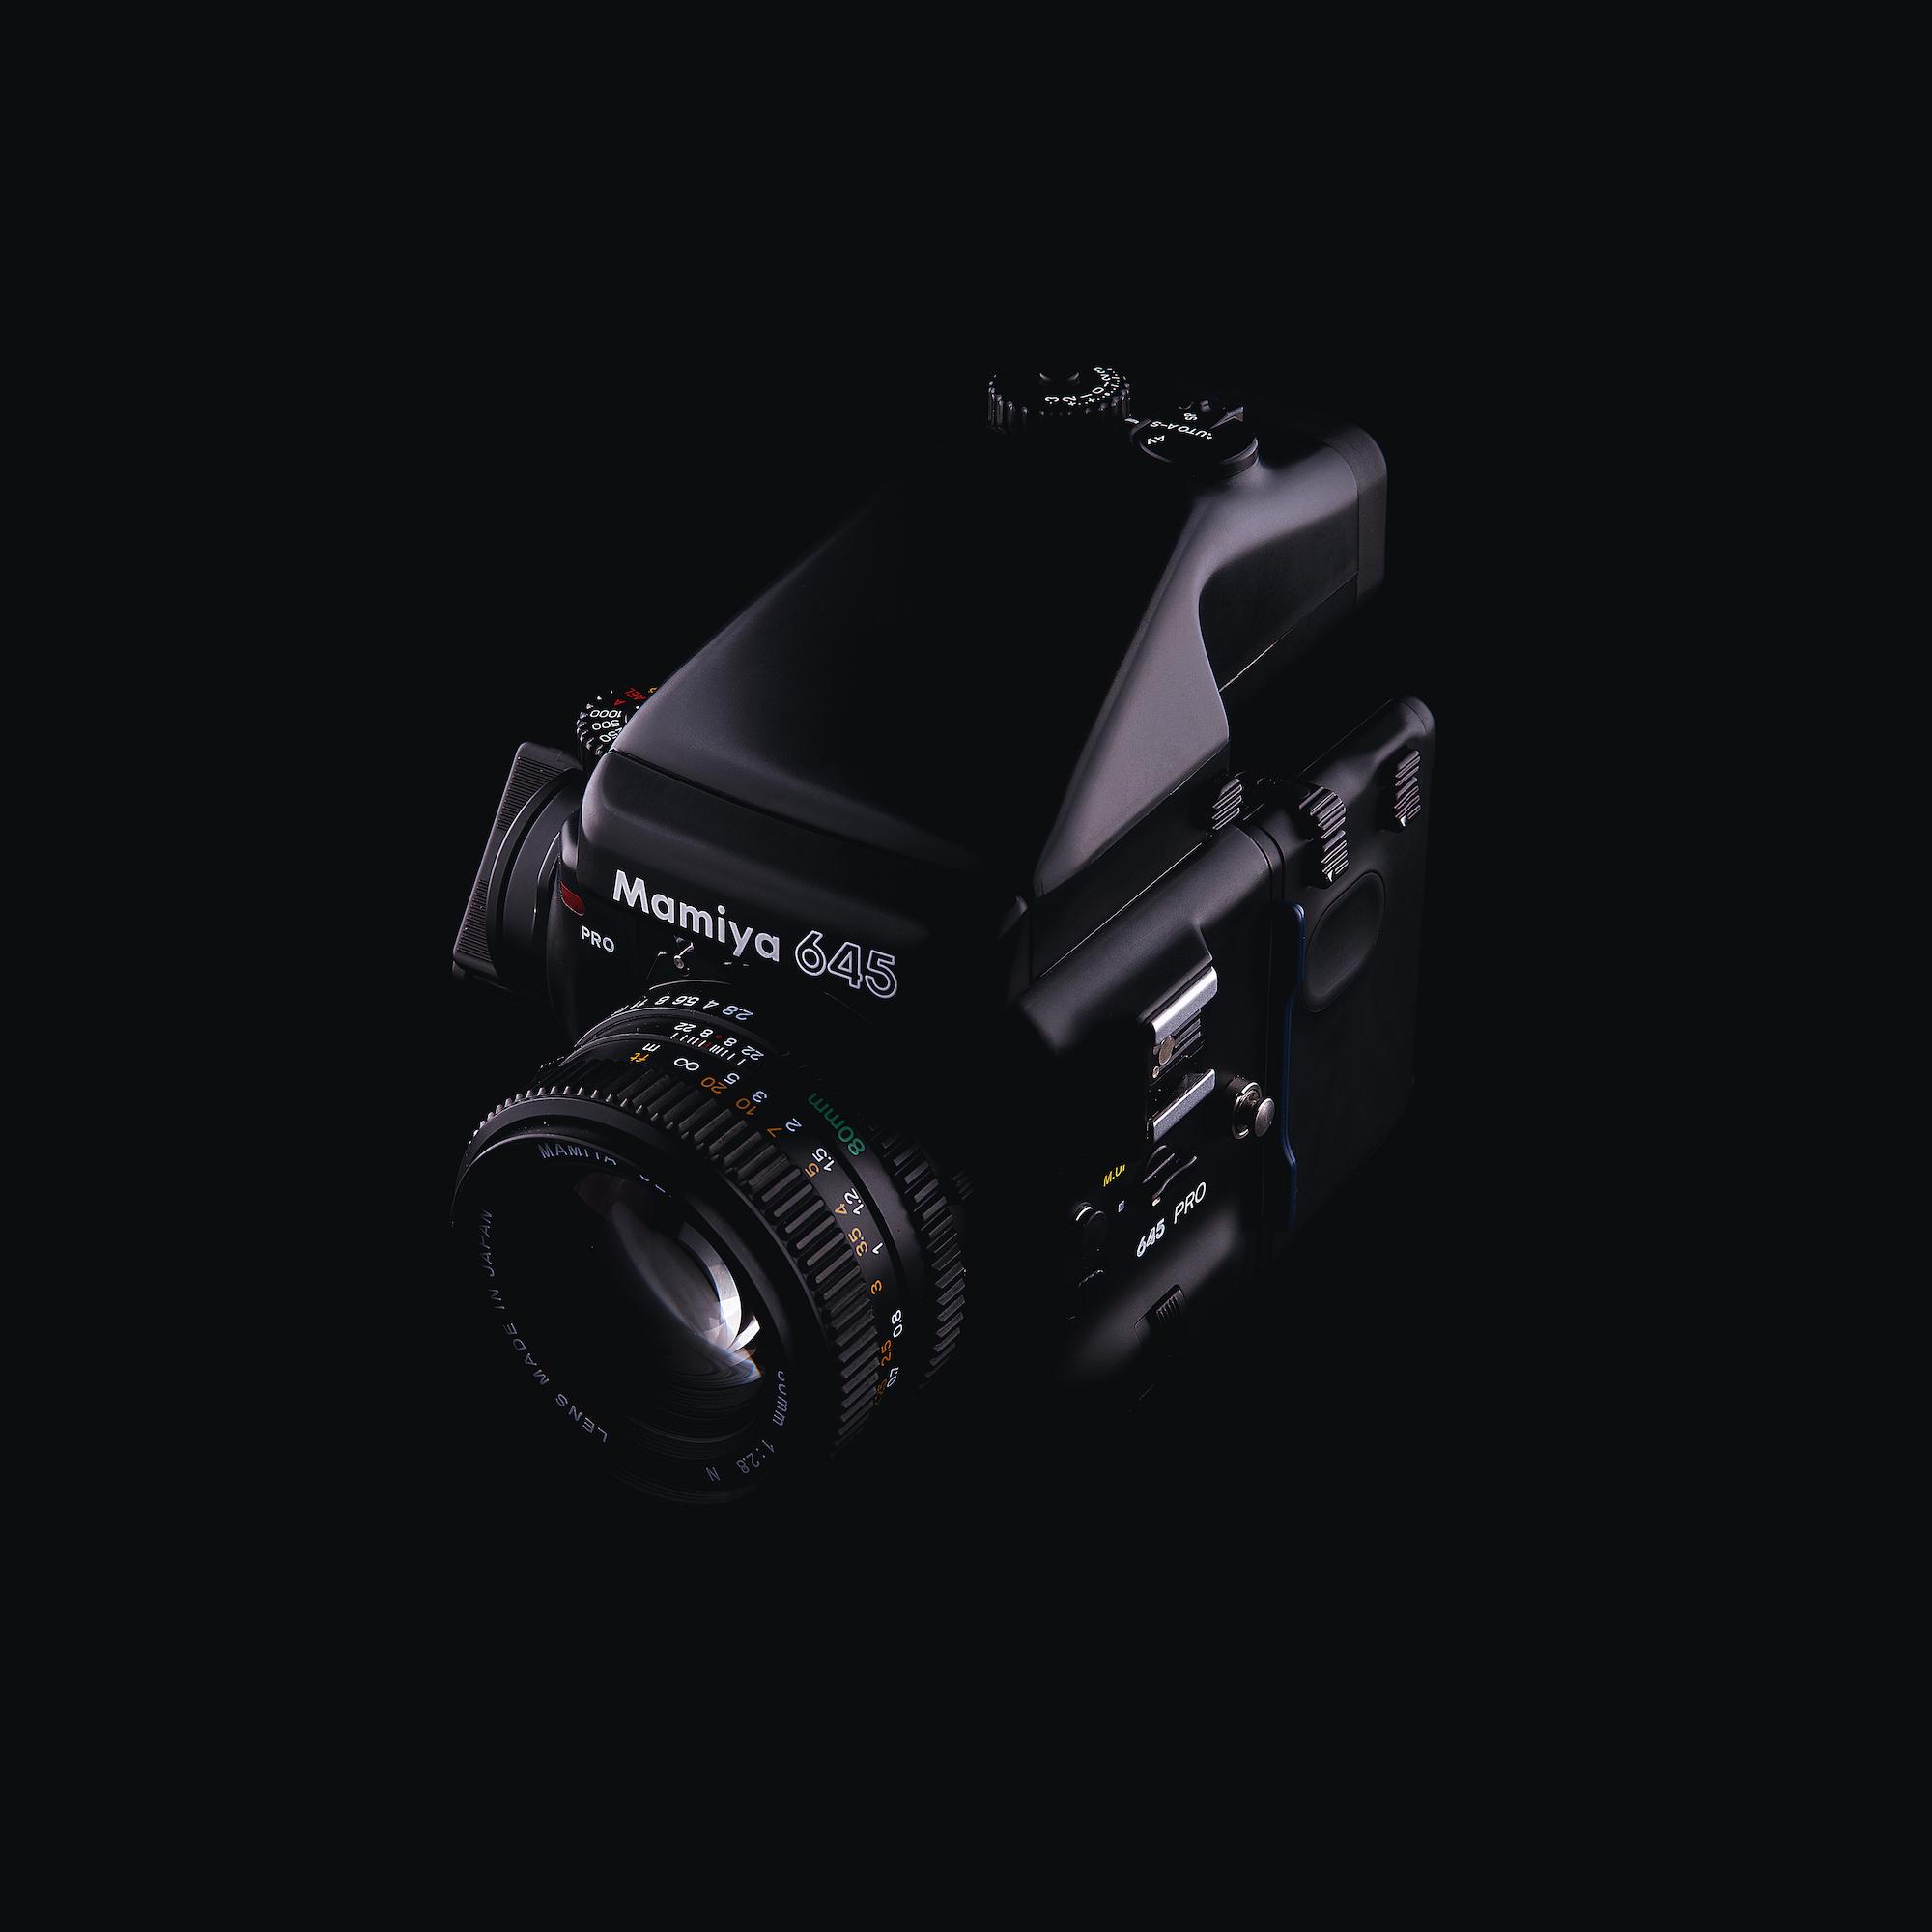 A Mamiya medium format camera